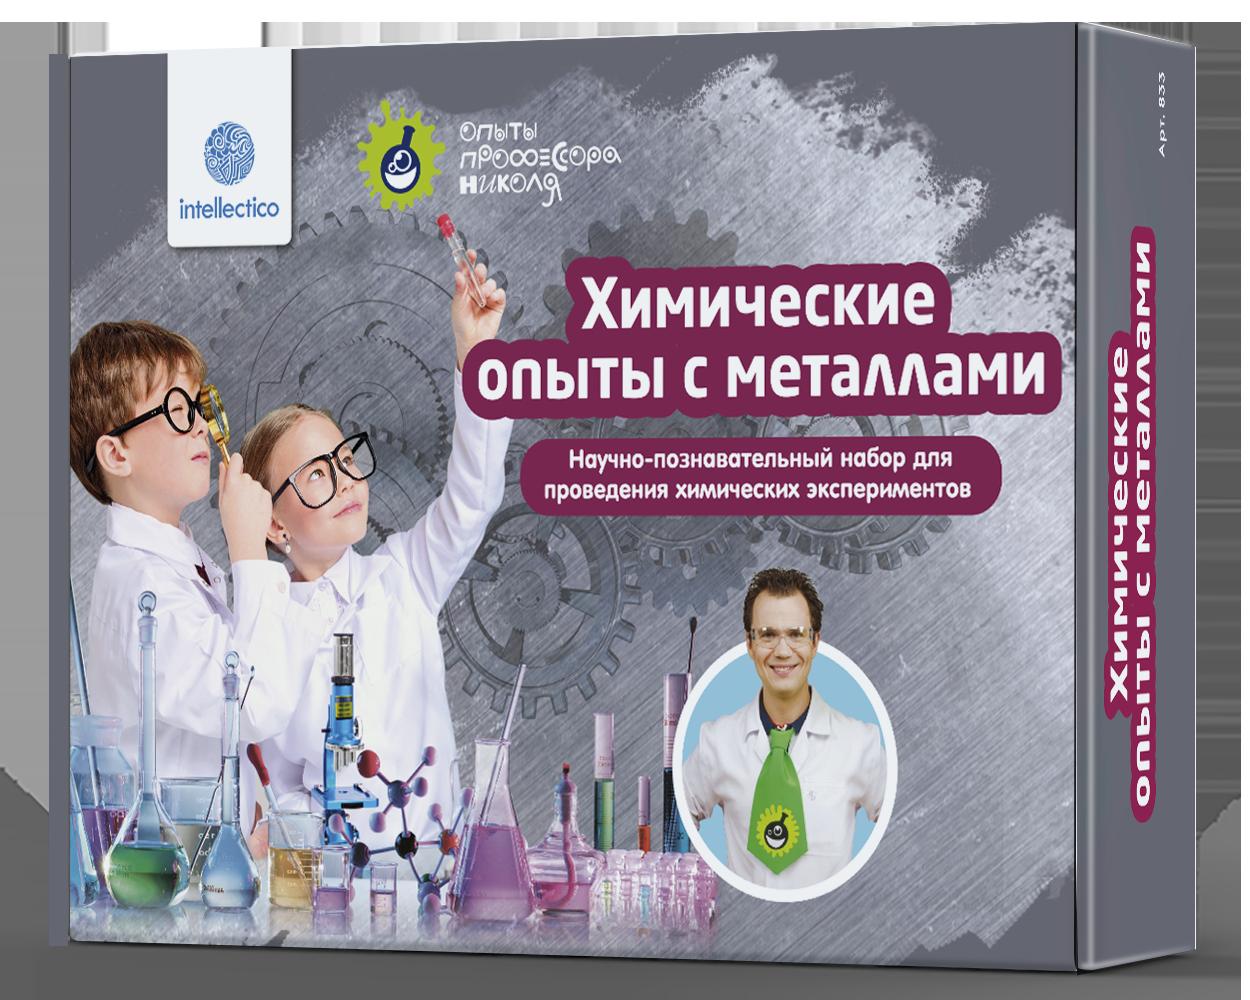 Химические опыты с металлами